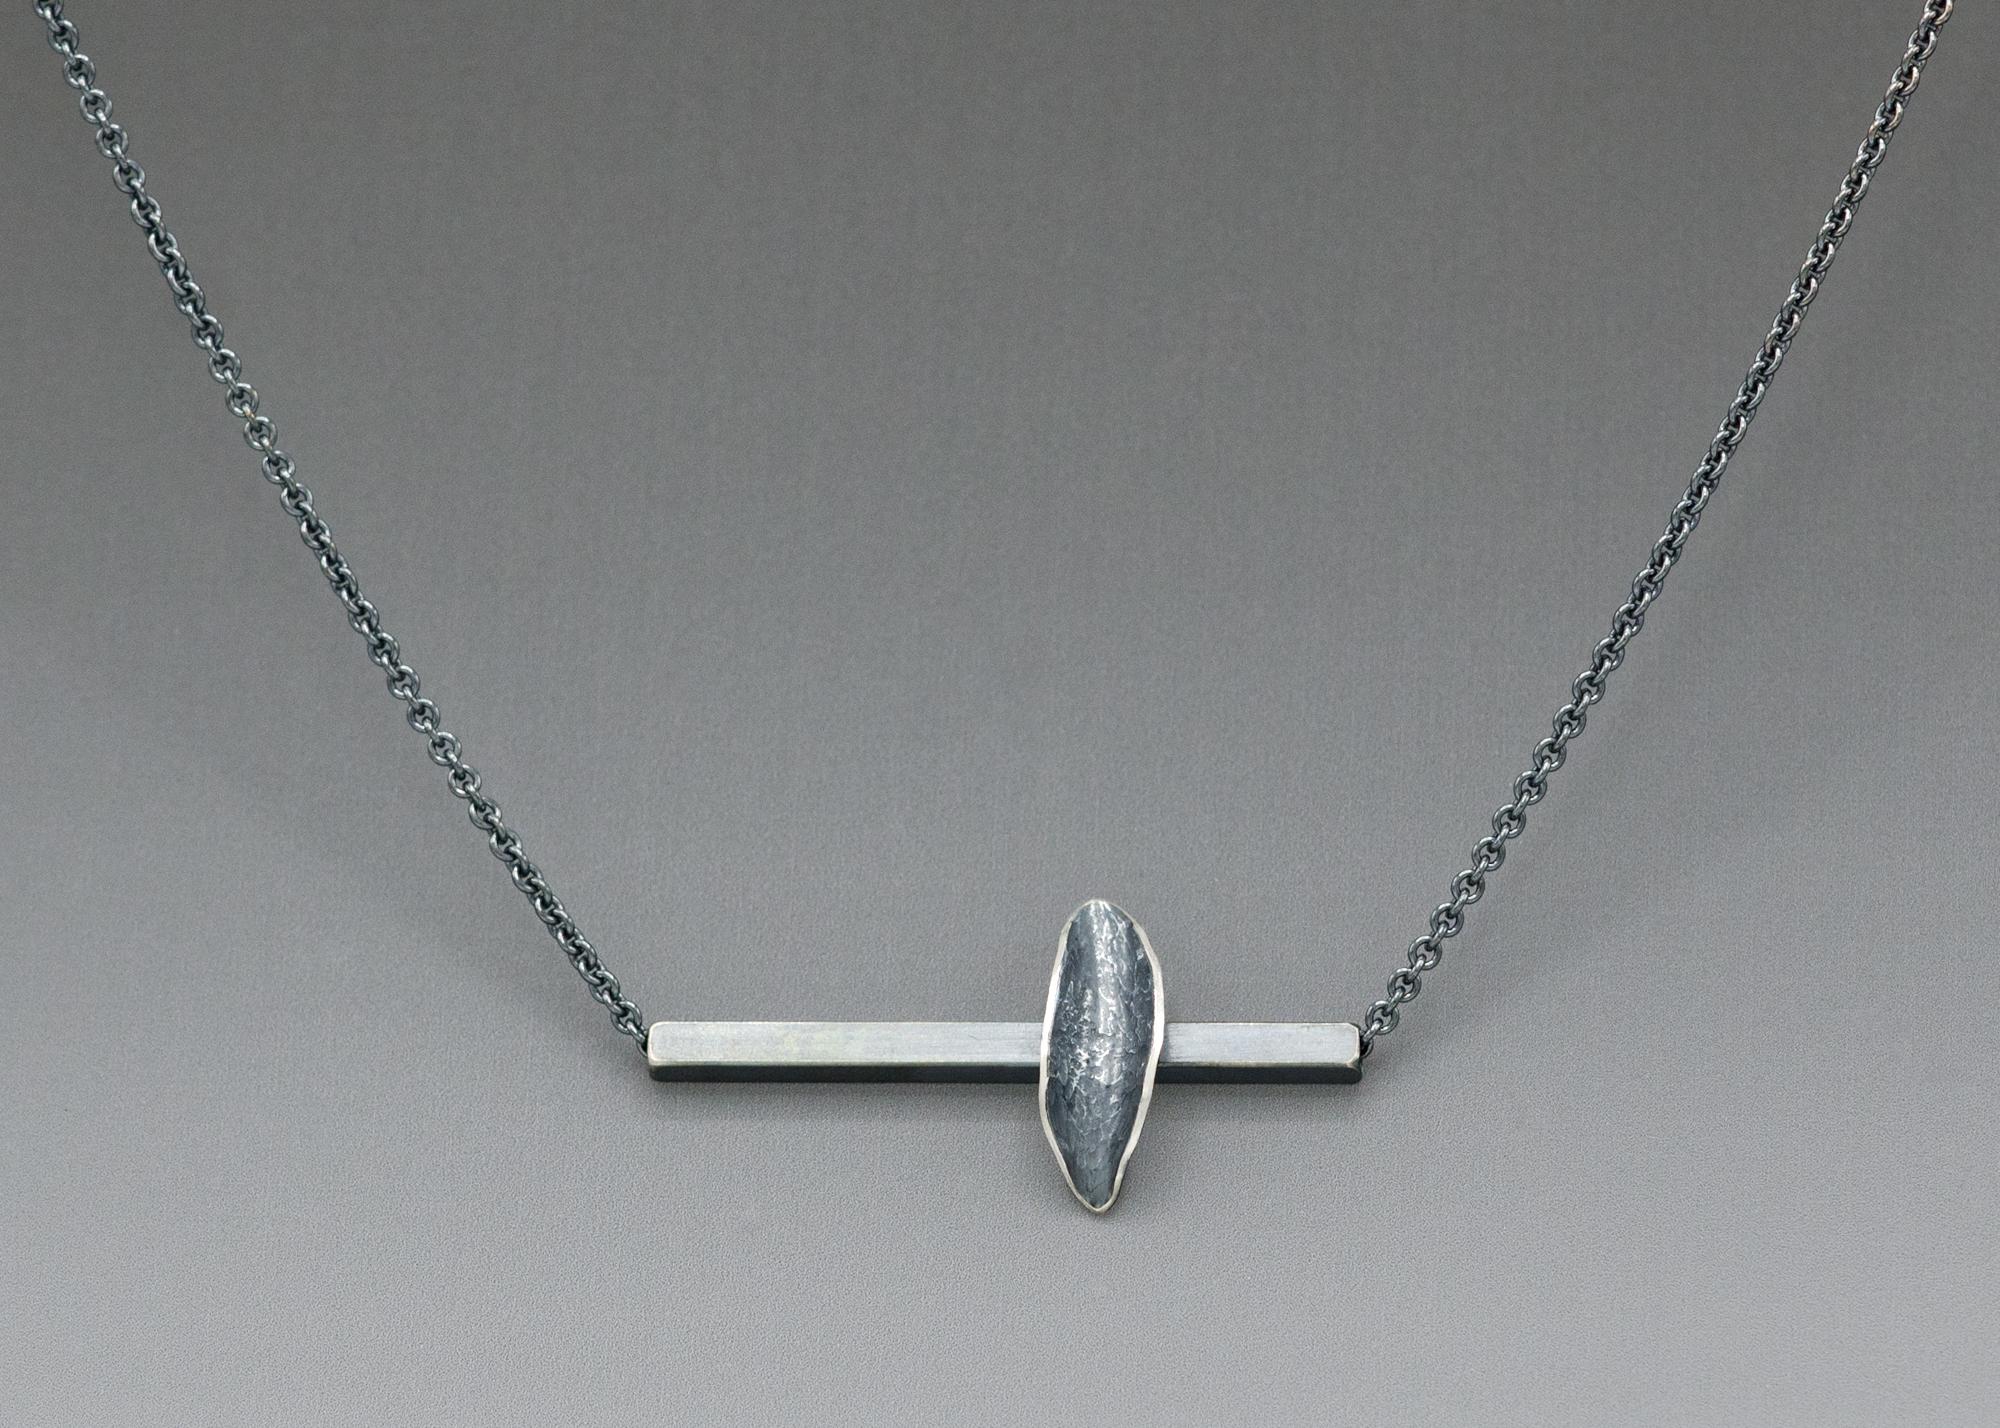 1_Bar-Necklace-CG_Grisez-7674.jpg